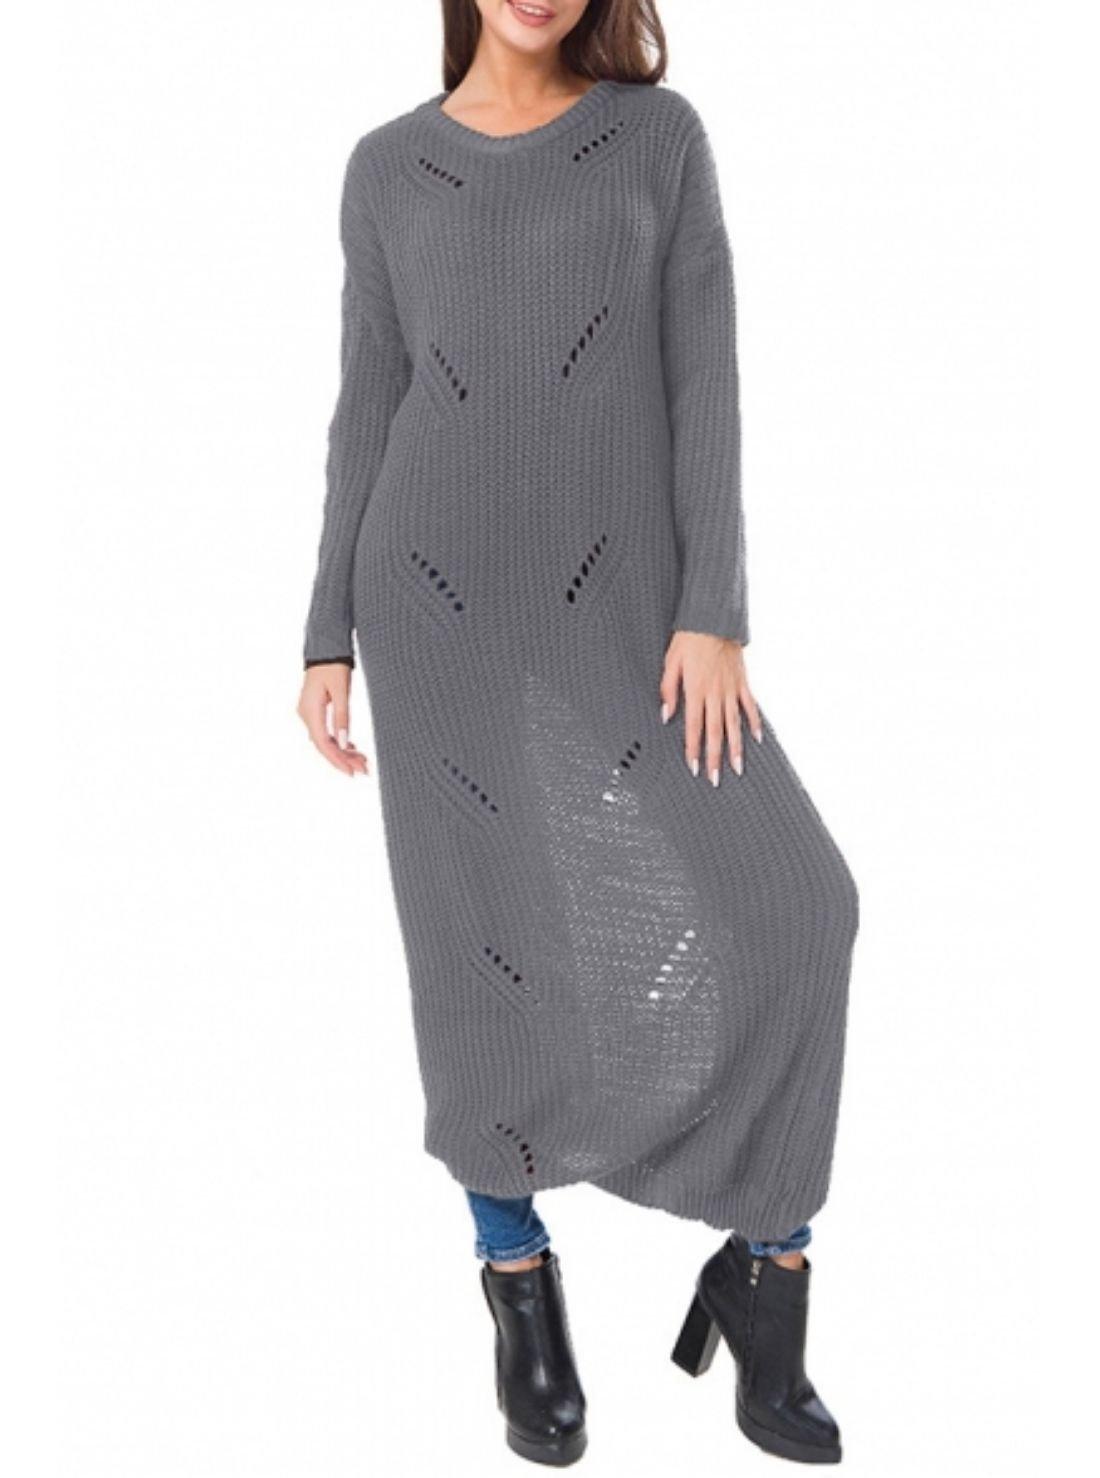 Wholesale Long Plain Sweater Dresses